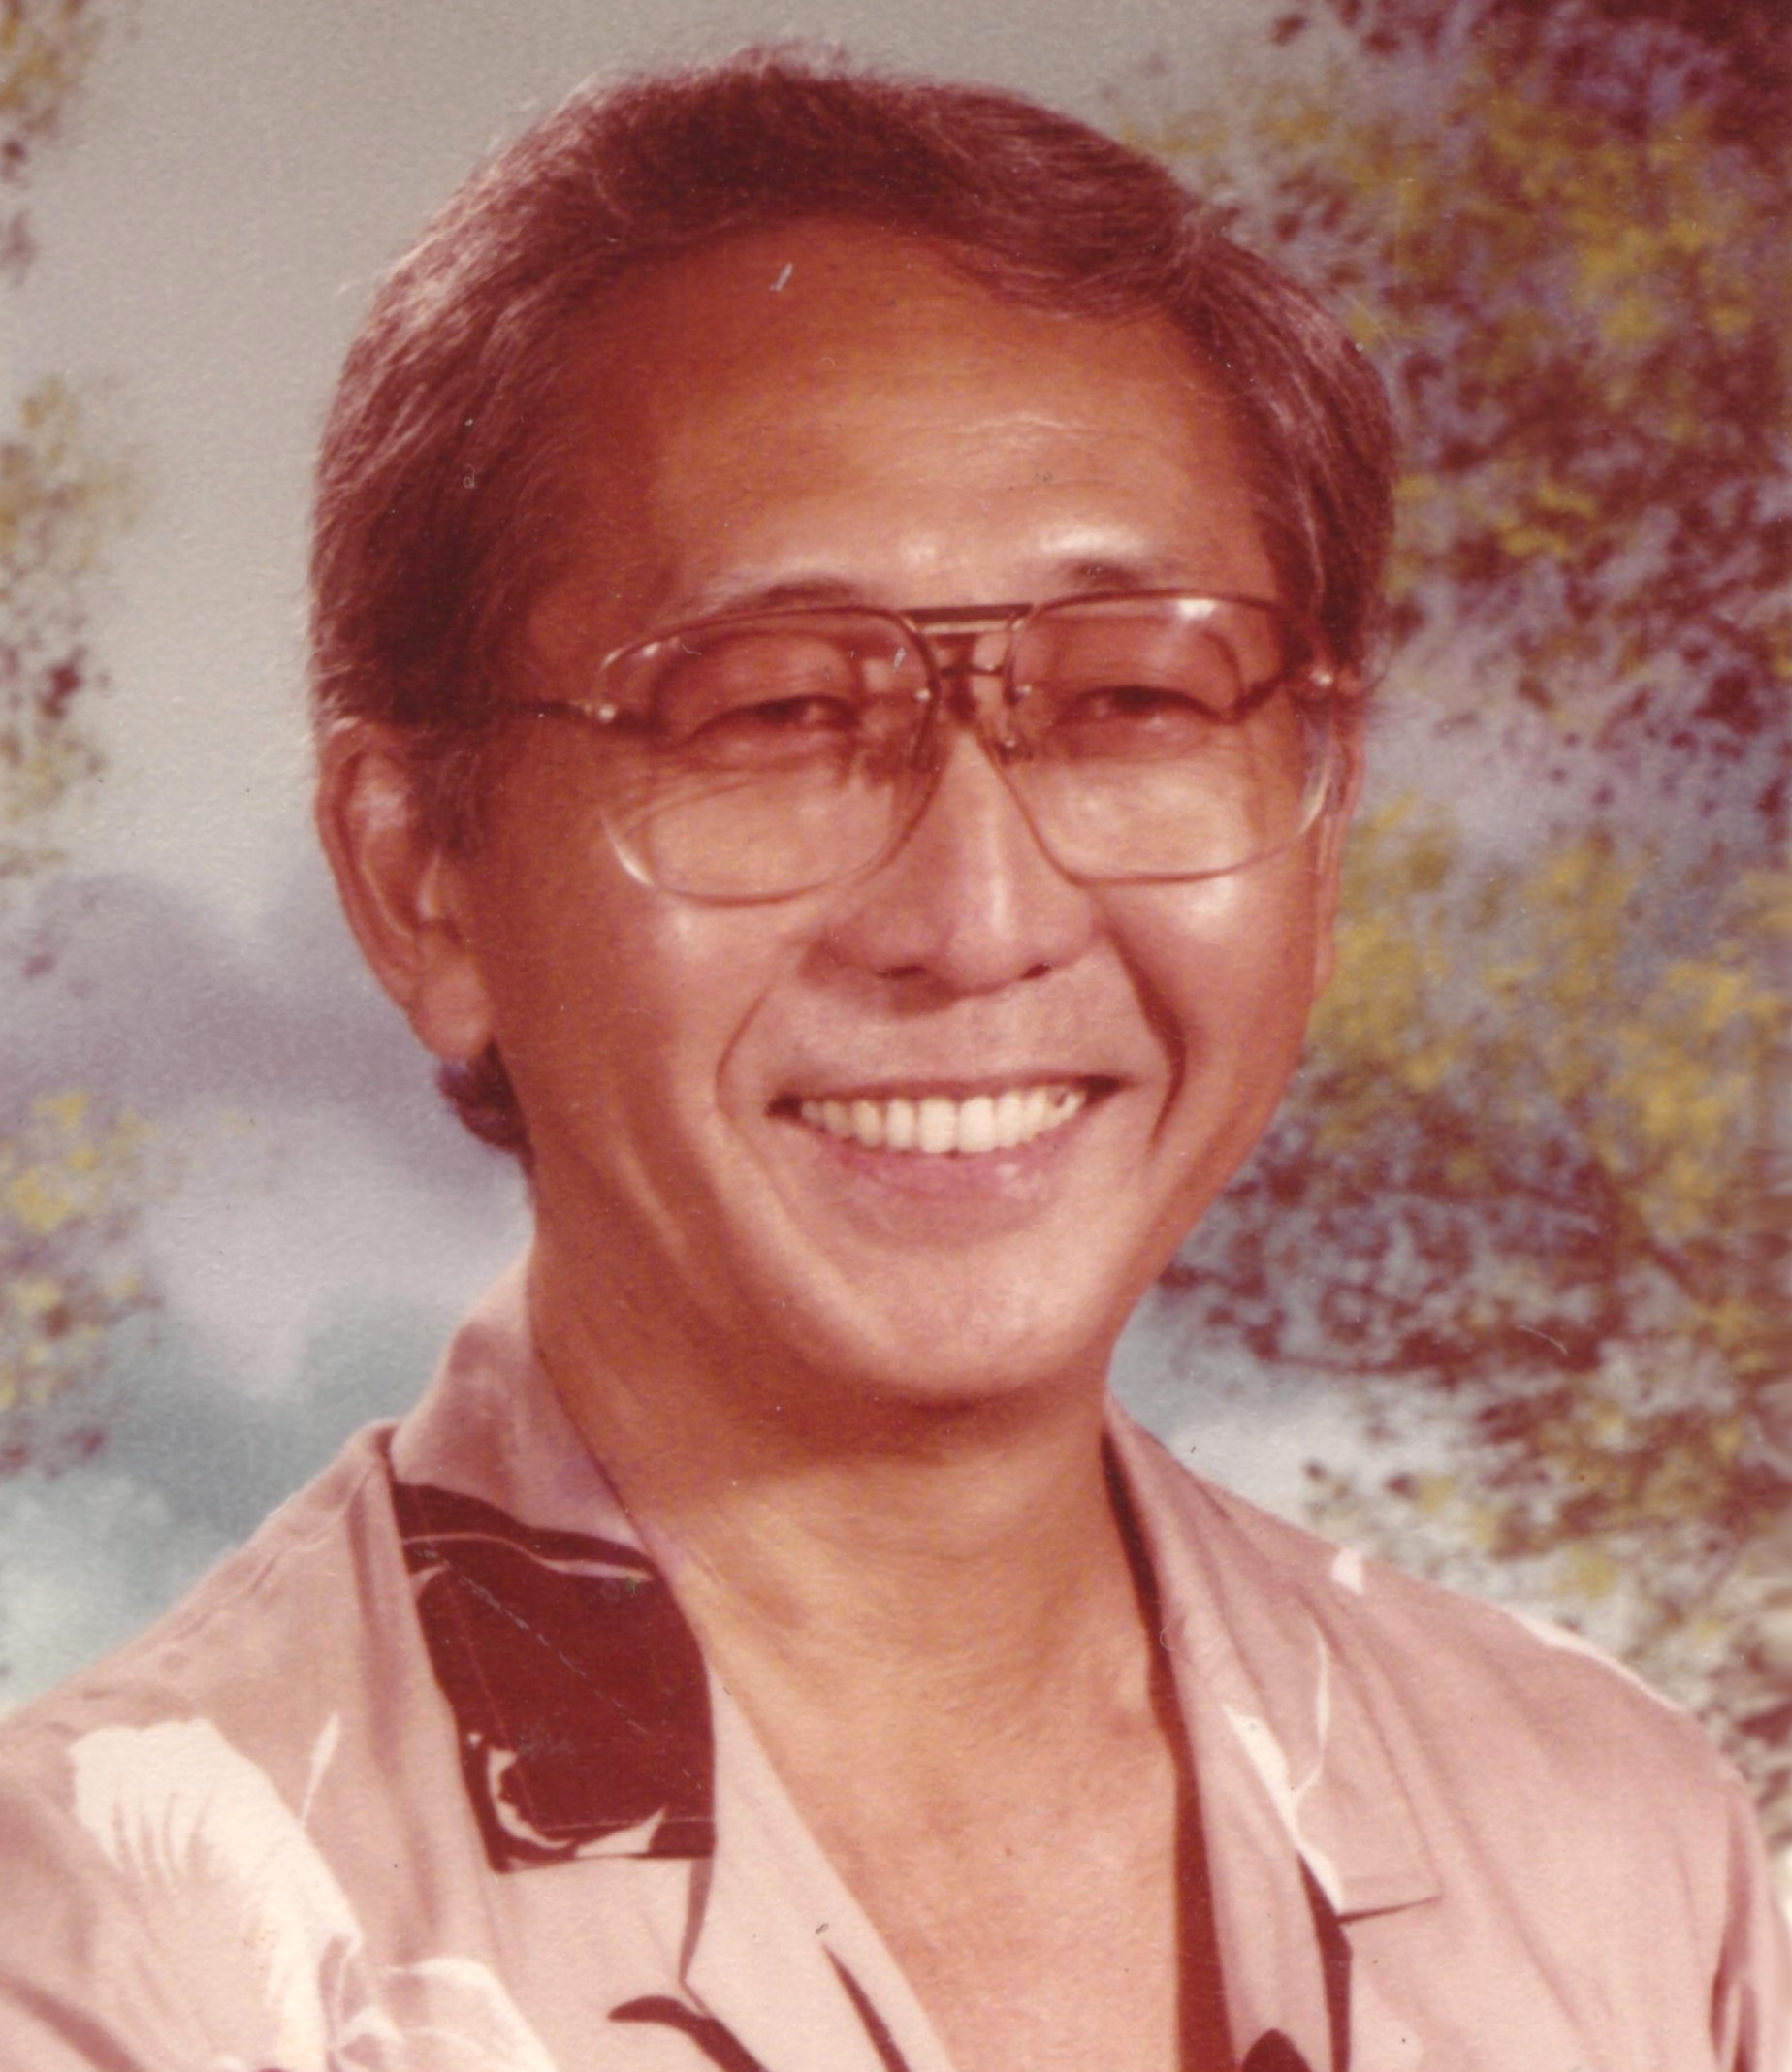 Walter Kenji Tonai